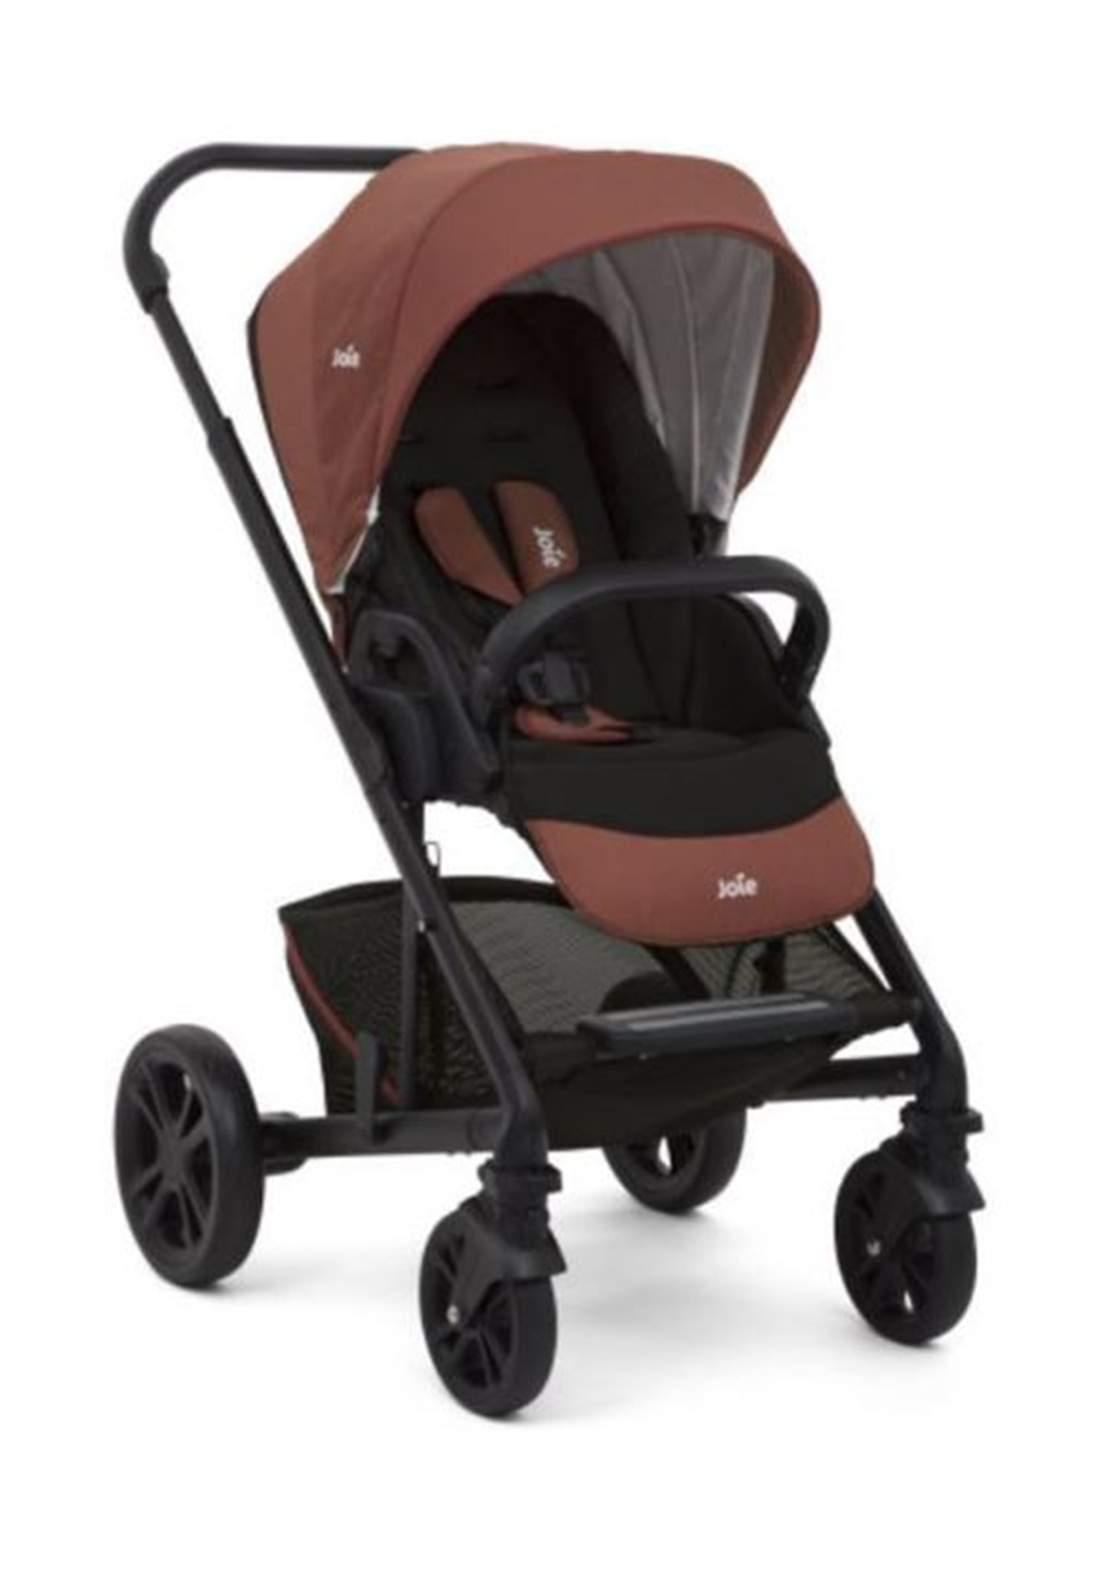 عربة اطفال 11.8 كغم Joie Baby S1201IBBRD000 JOIE STROLLER MIRUS